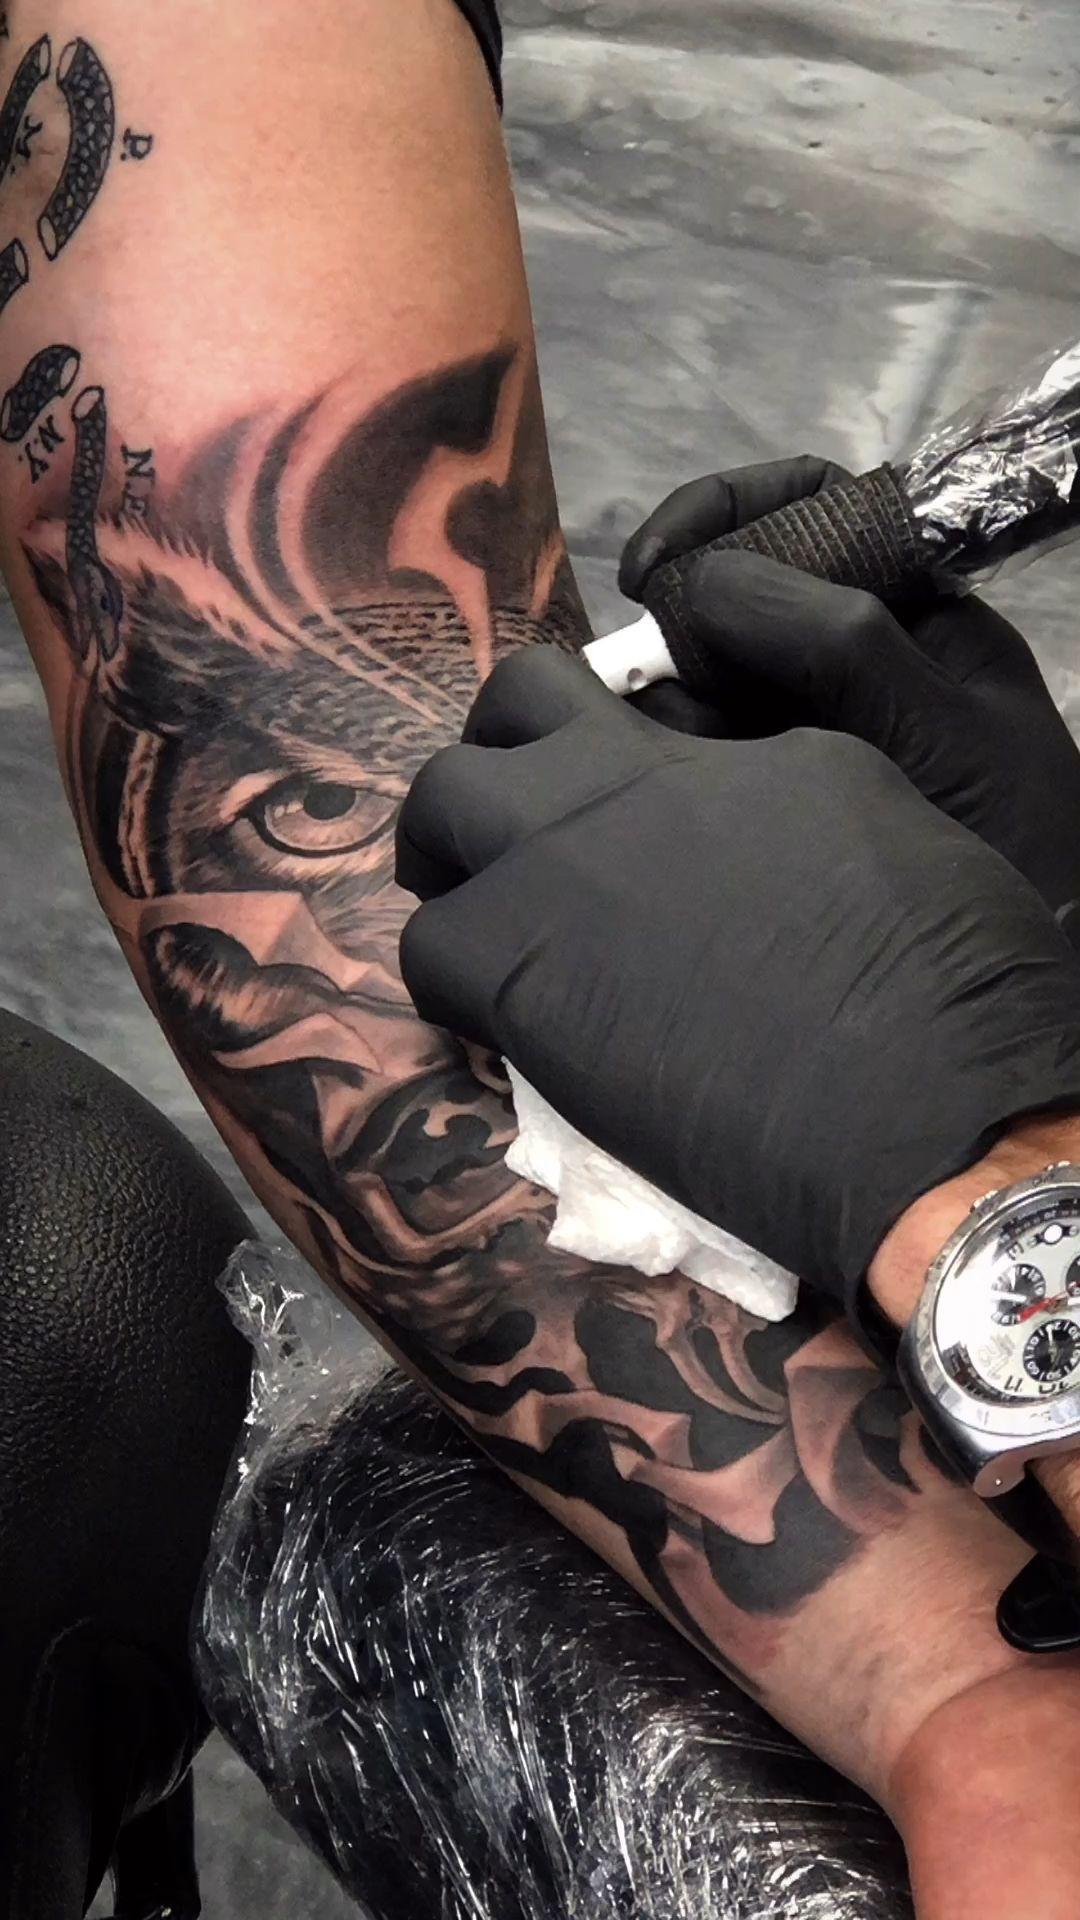 Tattoo, Tattoo Shop Near Me, Tattoos Fayetteville NC, JoanZunigaTattoo